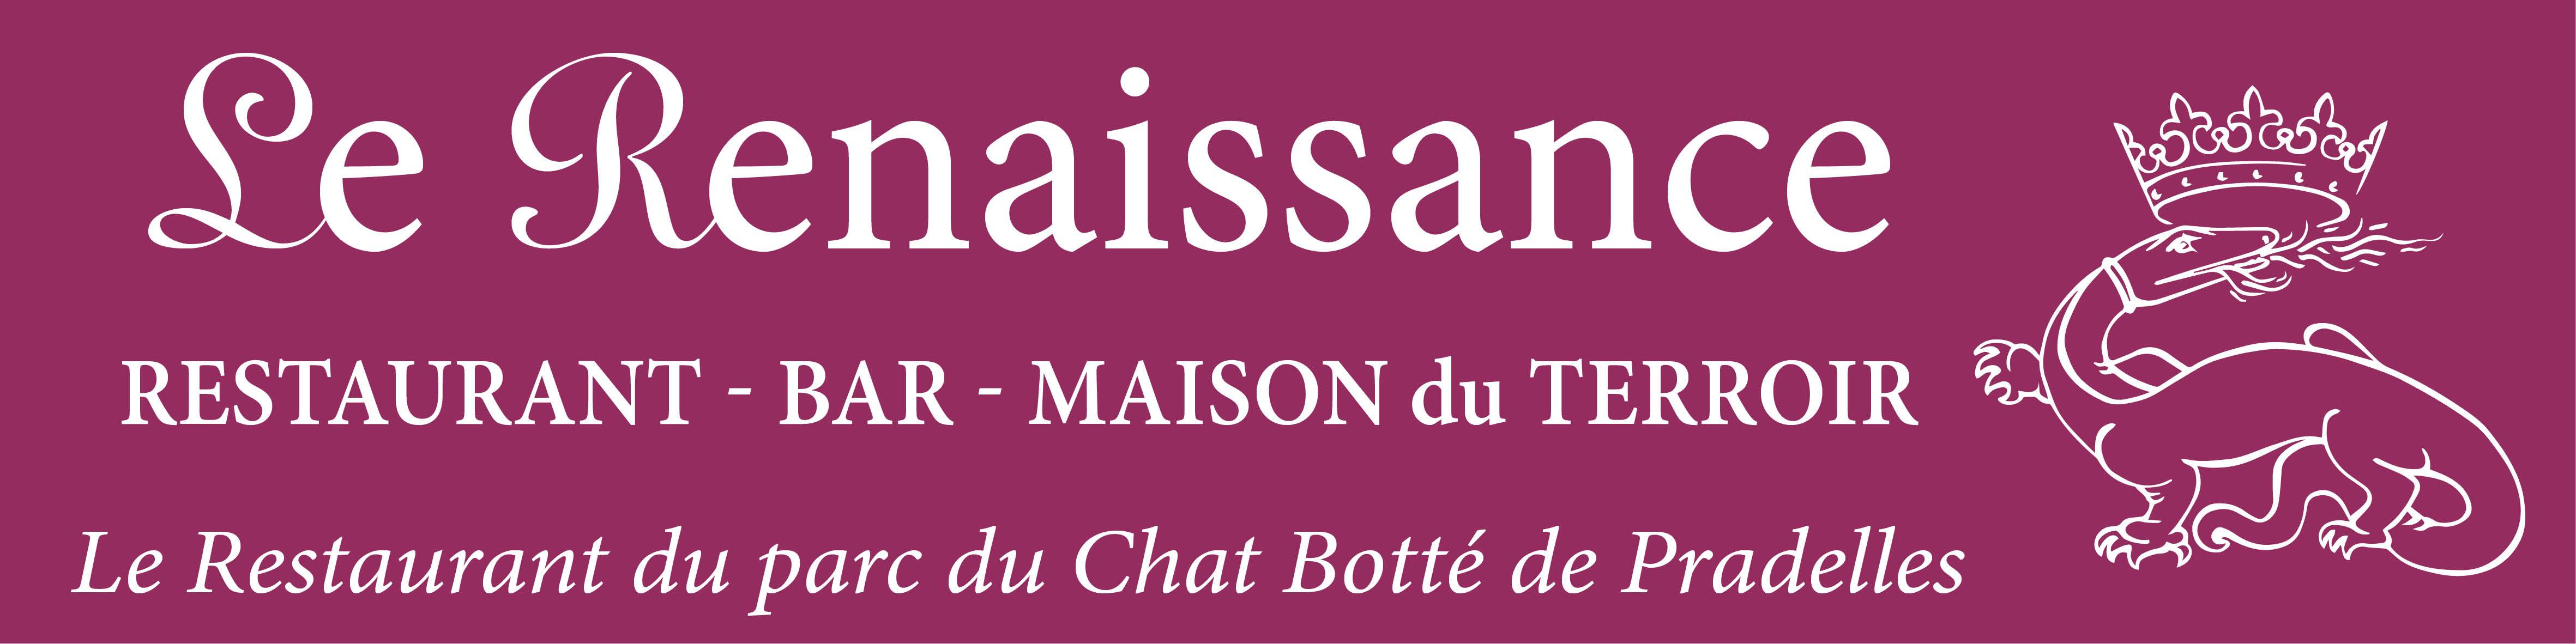 Logo Le Renaissance